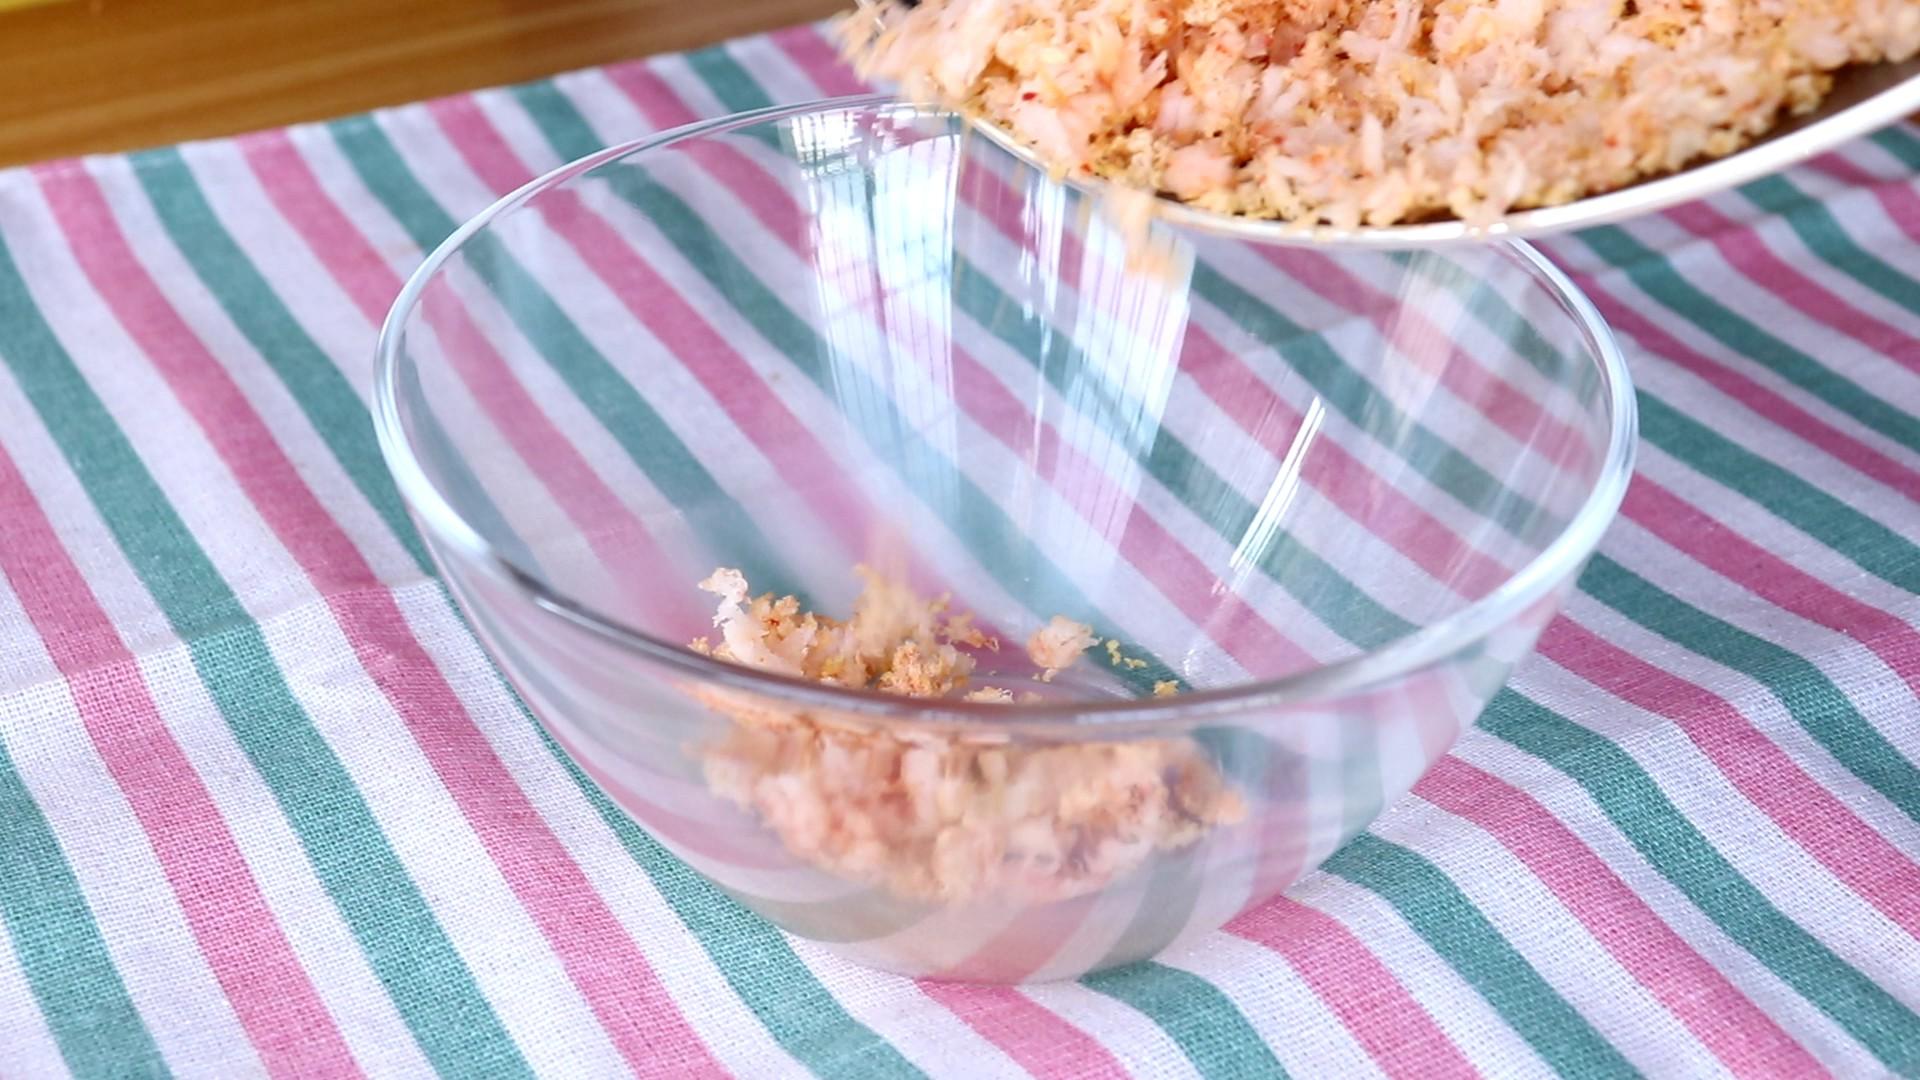 平底锅虾肉松,倒入容器中,晾凉一些,再倒入研磨杯中</p> <p>tips:太热的话,在研磨杯中搅拌,会对机器有损害的,所以我们稍微放置两三分钟再搅拌哦